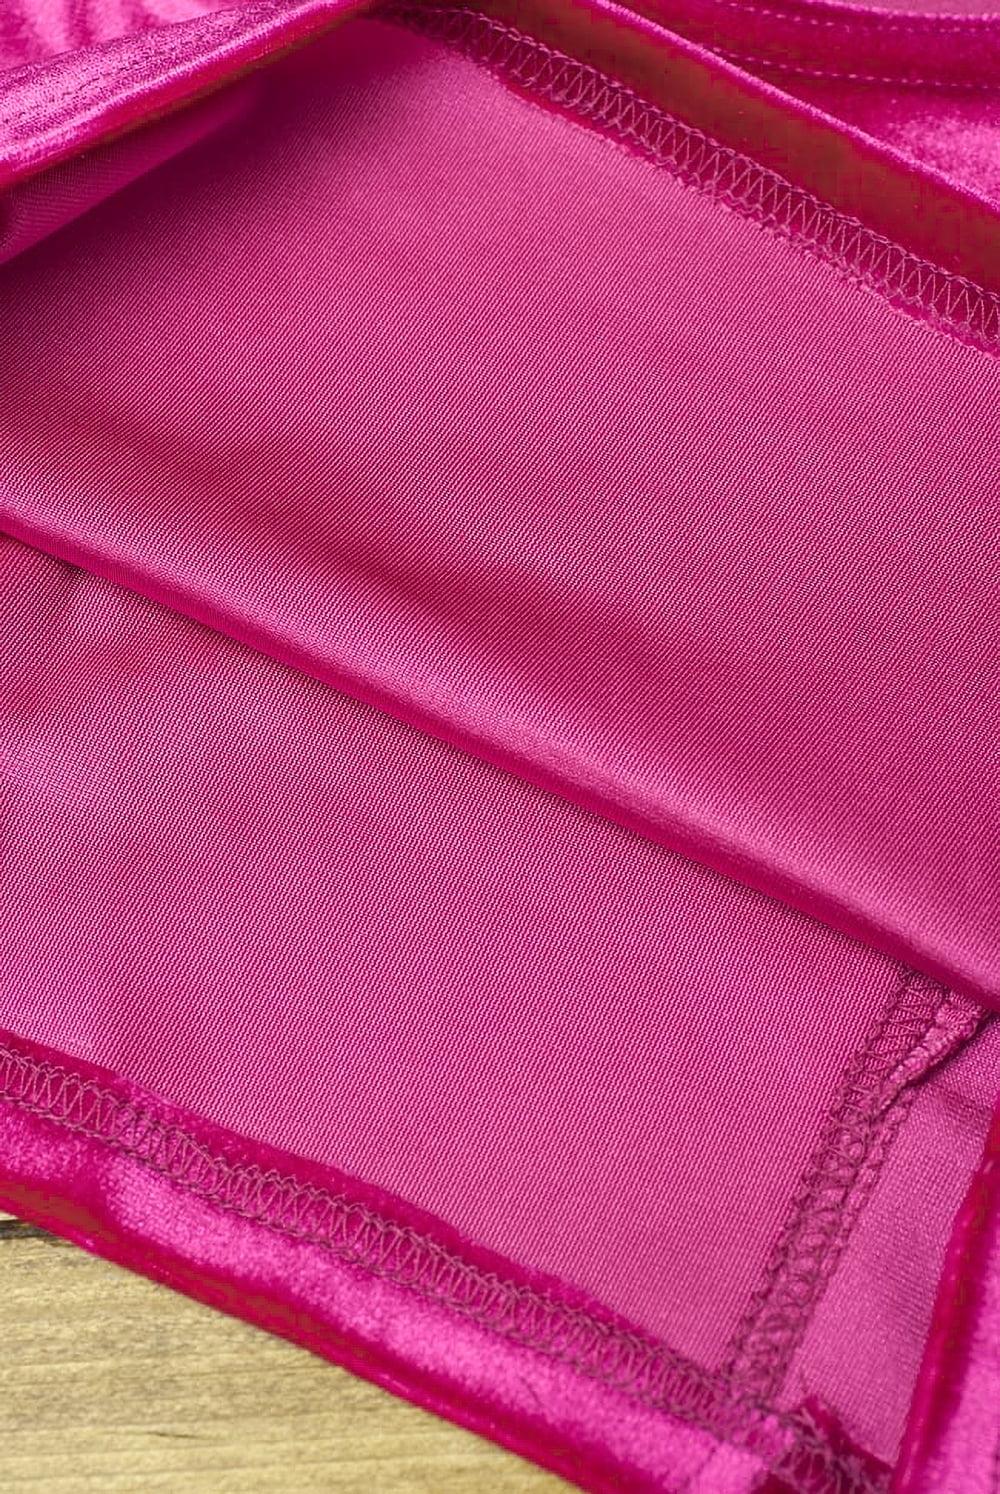 ベルベットのストレッチチョリ - ピンク 3 - 裏生地はこのような感じでツルッとしているので、とても着やすいです。